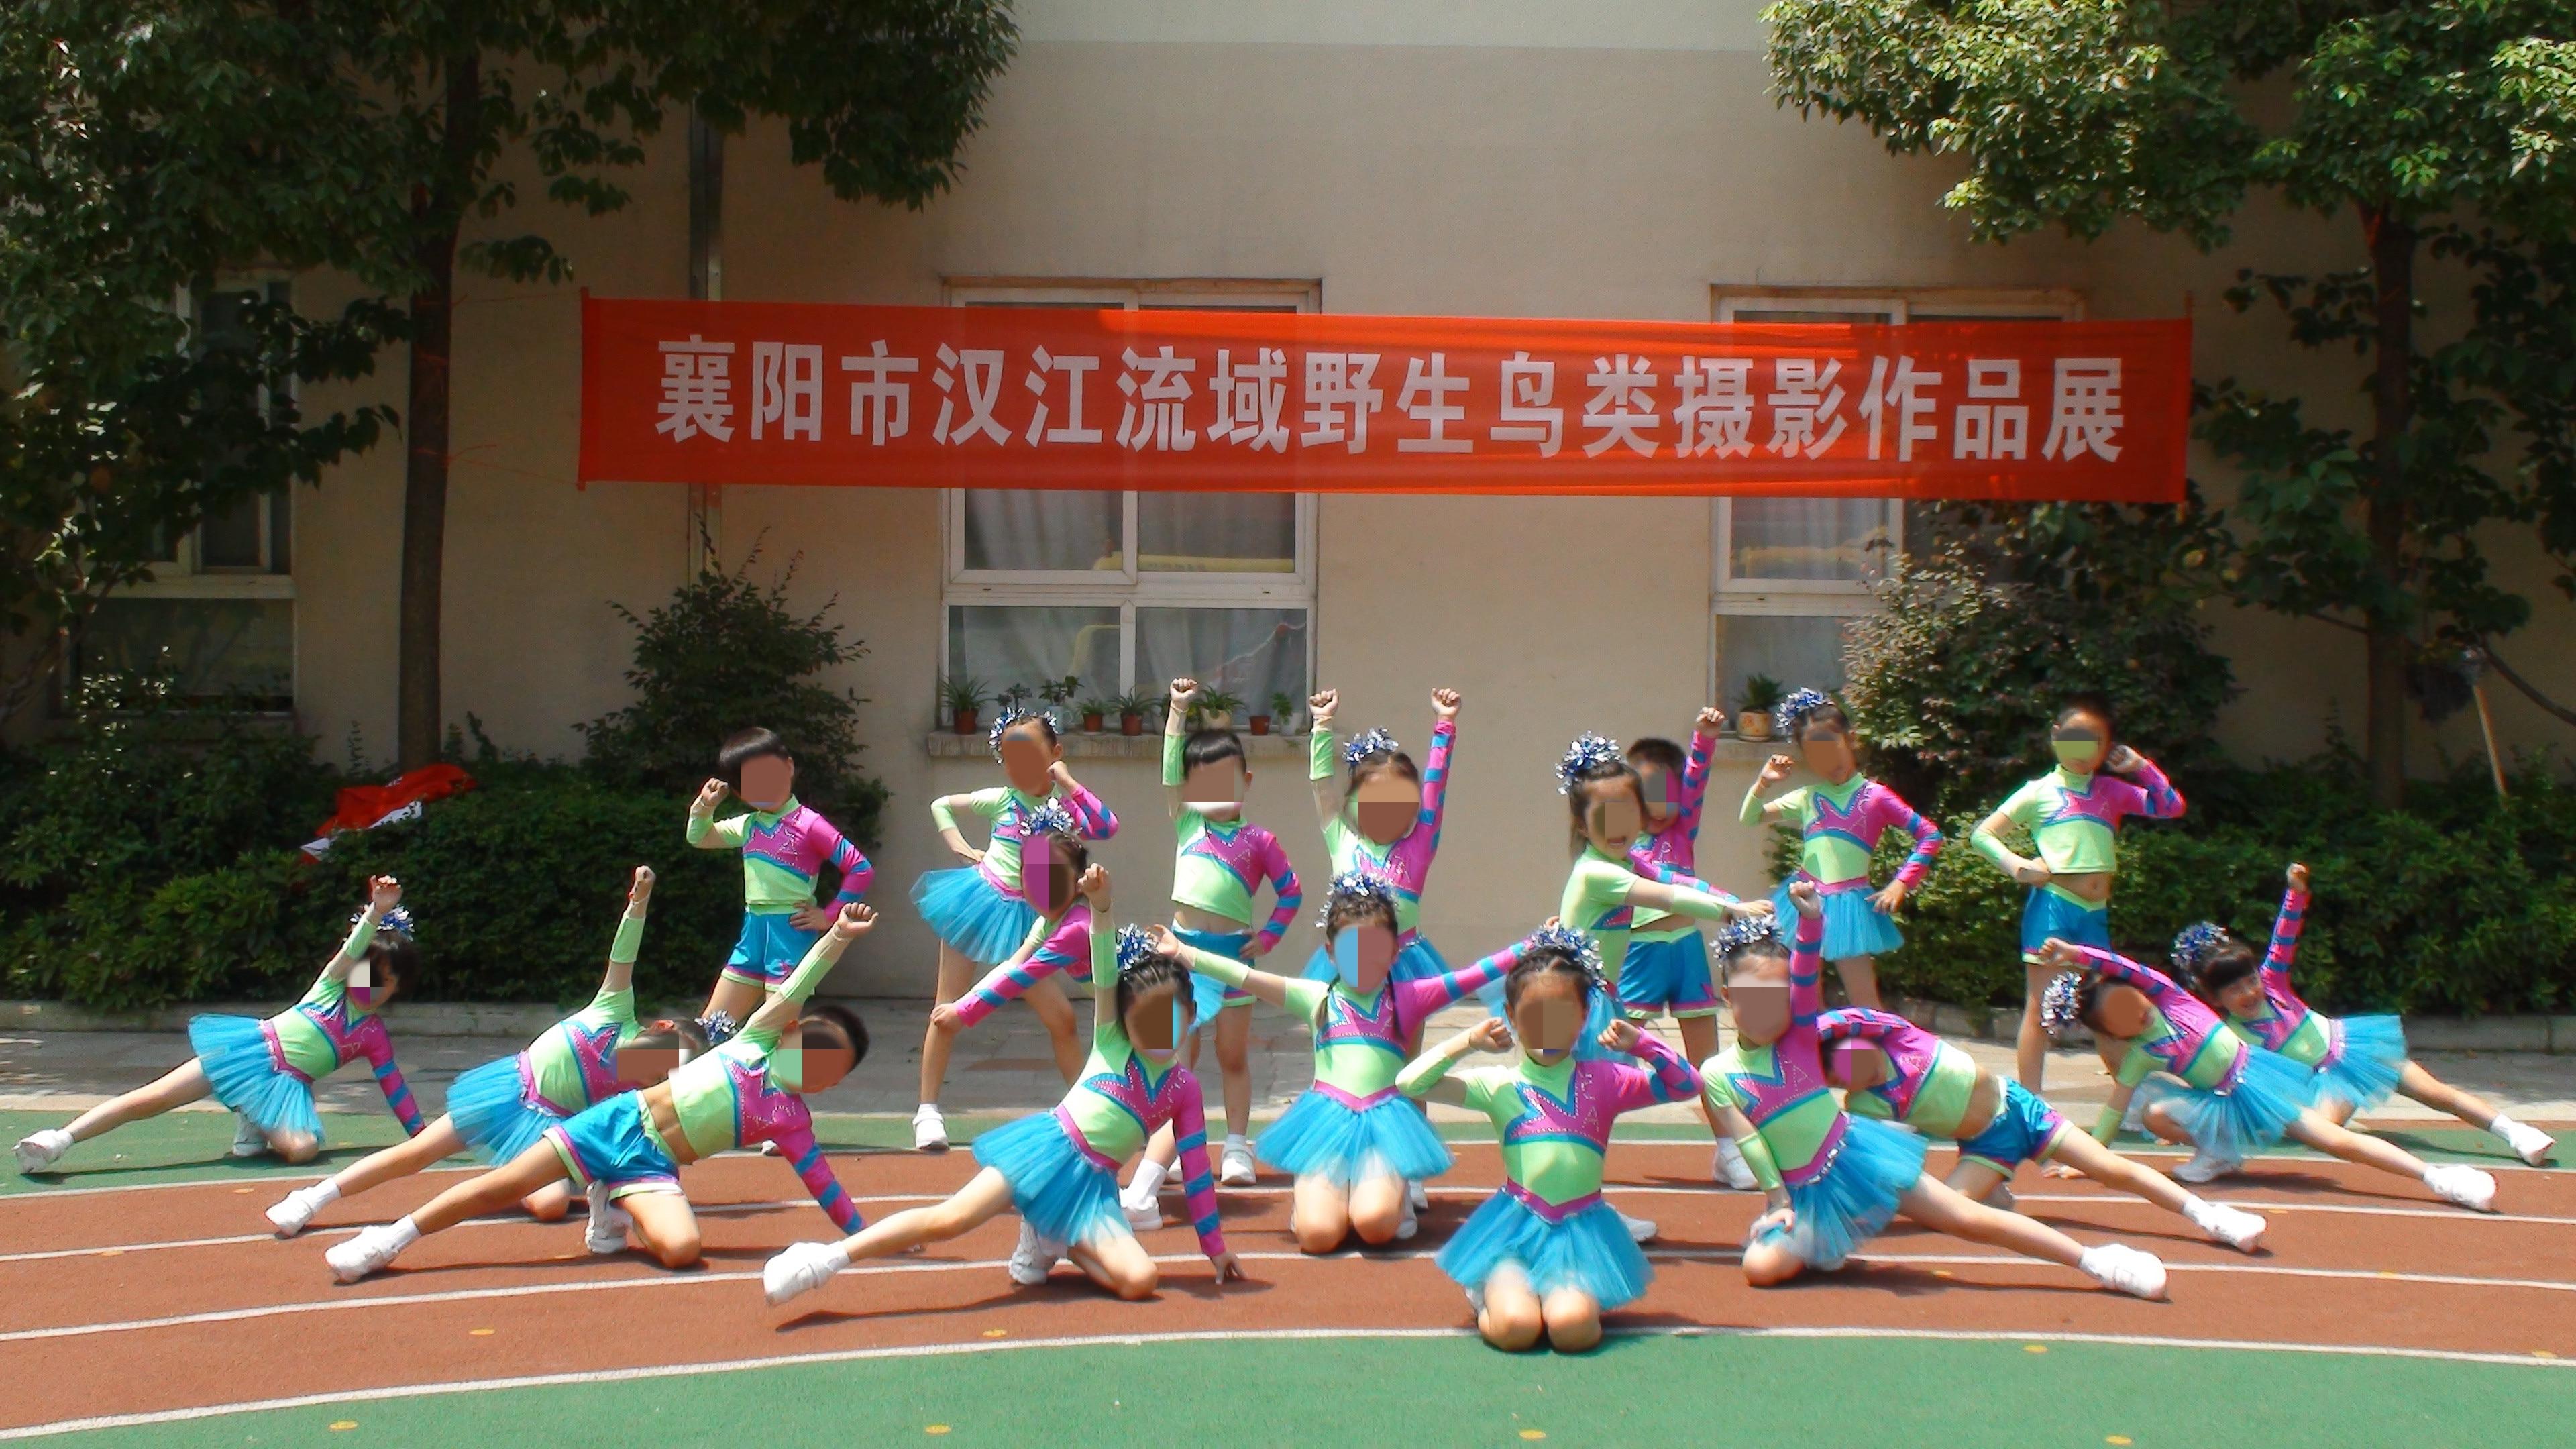 襄阳蔚蔚艺术城-啦啦操